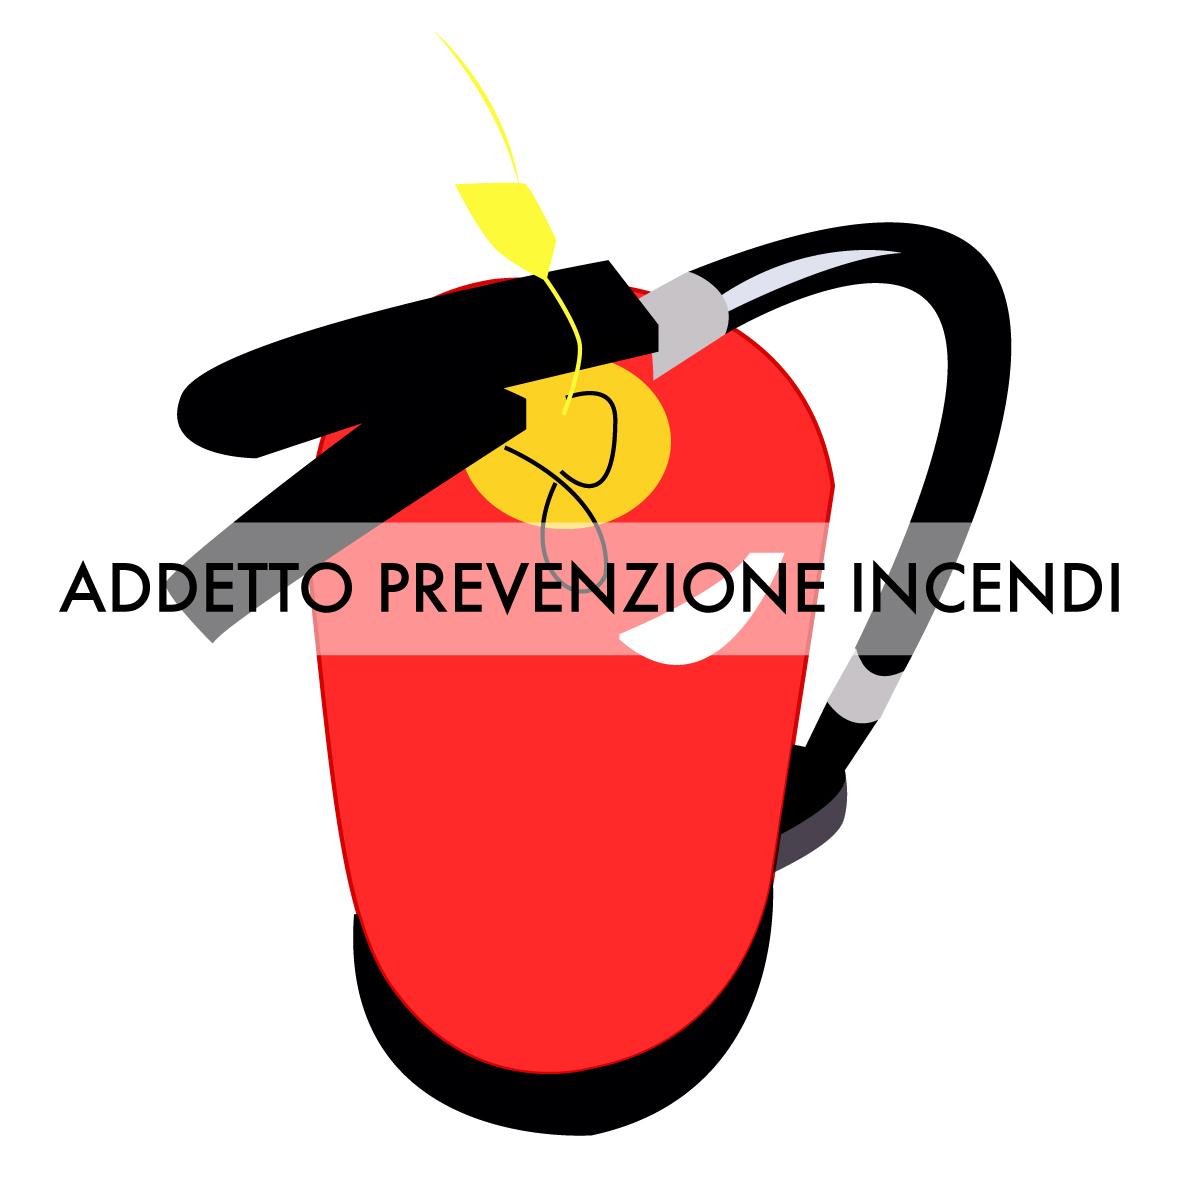 Corsi per addetti alla prevenzione incendi al Centro San Salvatore il 26 e 28 marzo 2019